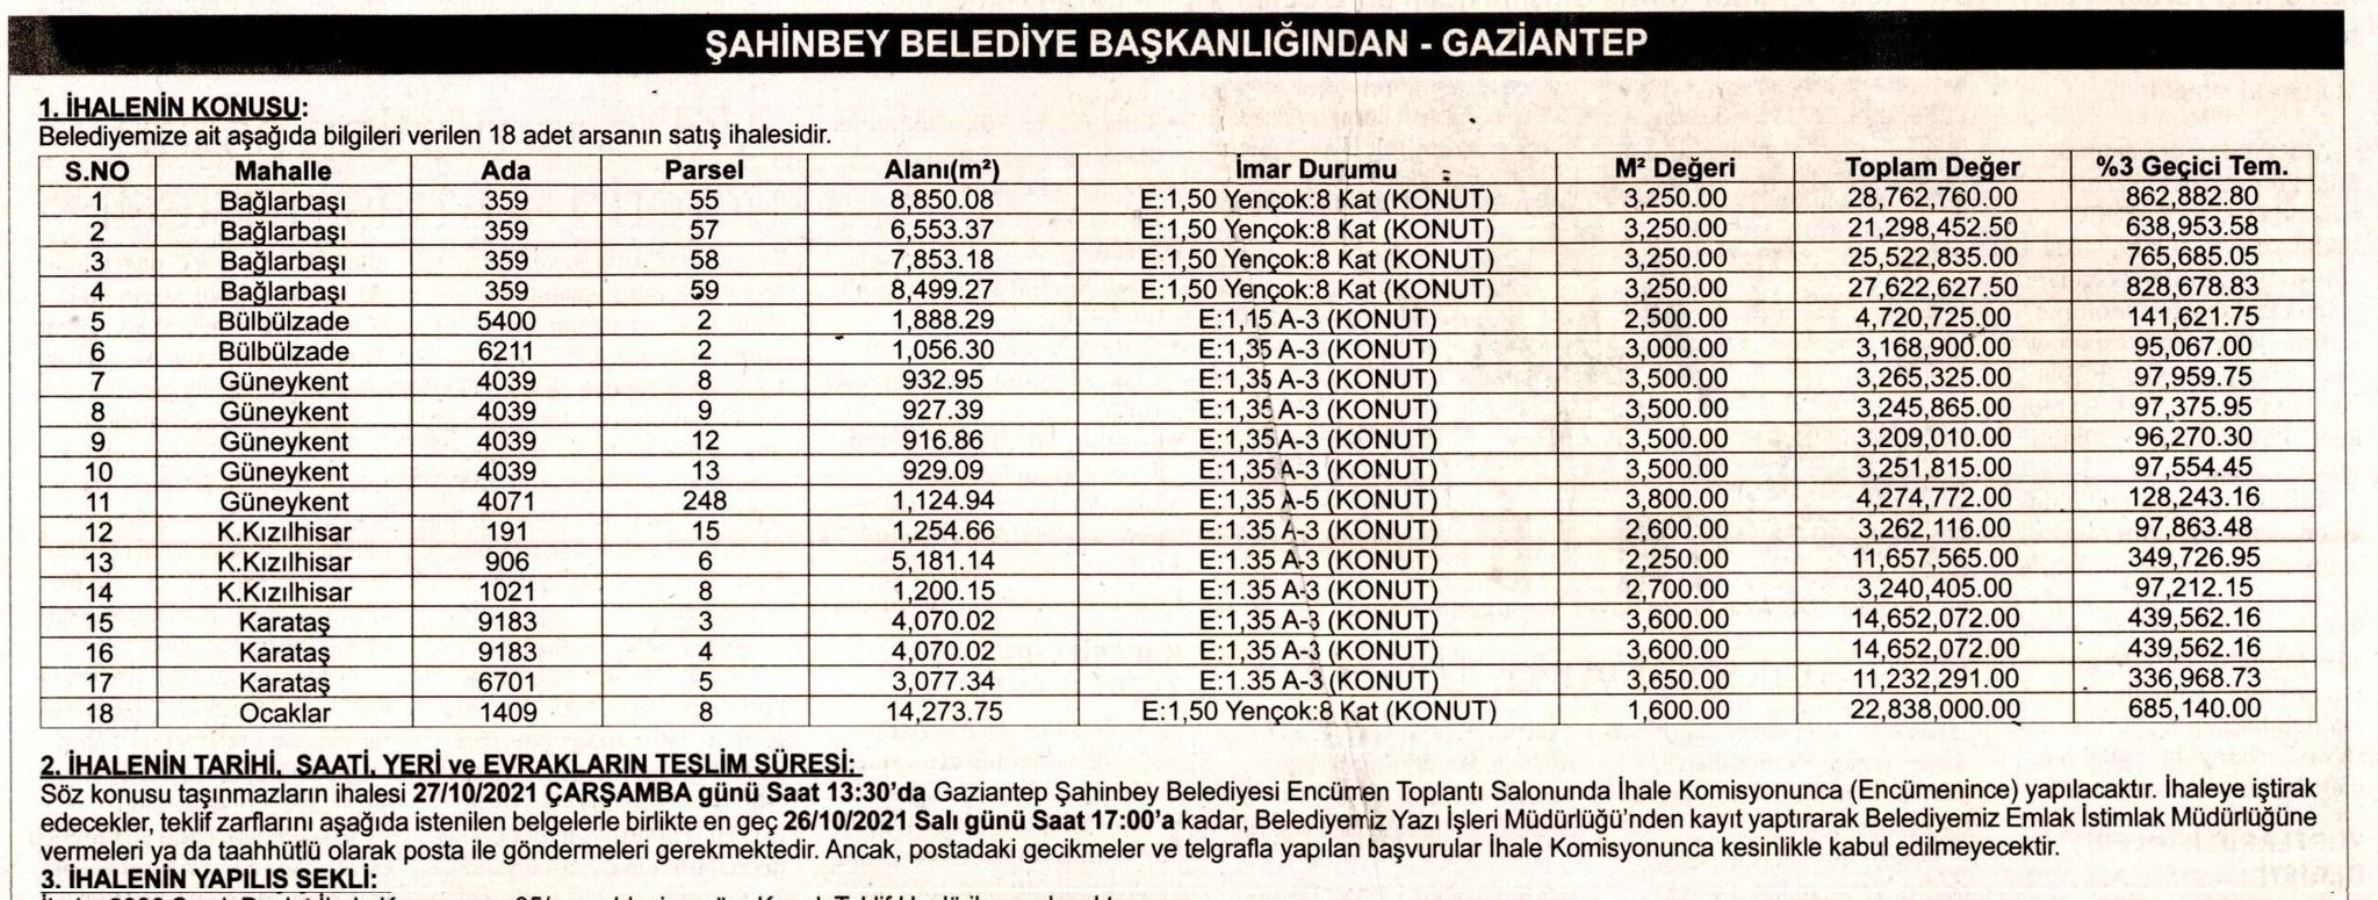 Şahinbey Belediyesi ilan 2